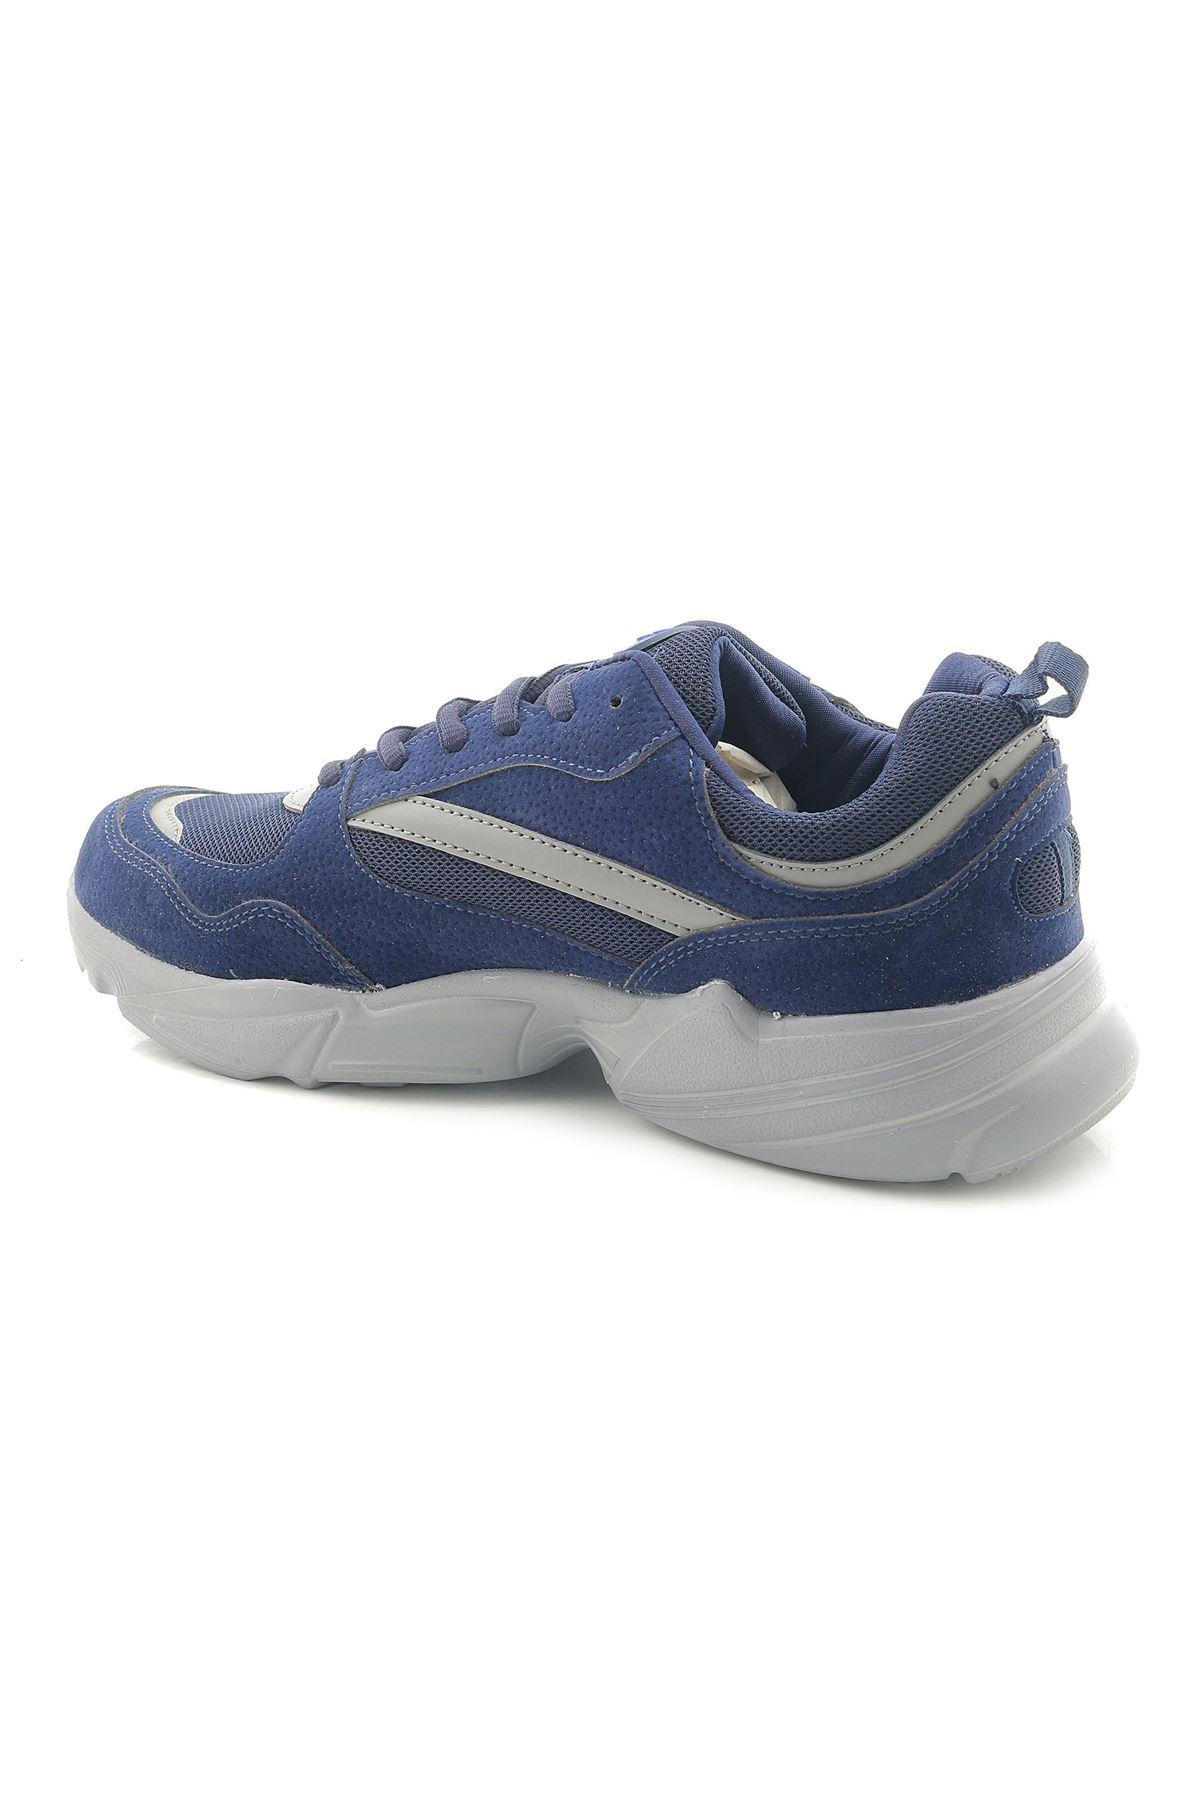 Jump 74521 Anatomik Erkek Spor Ayakkabı